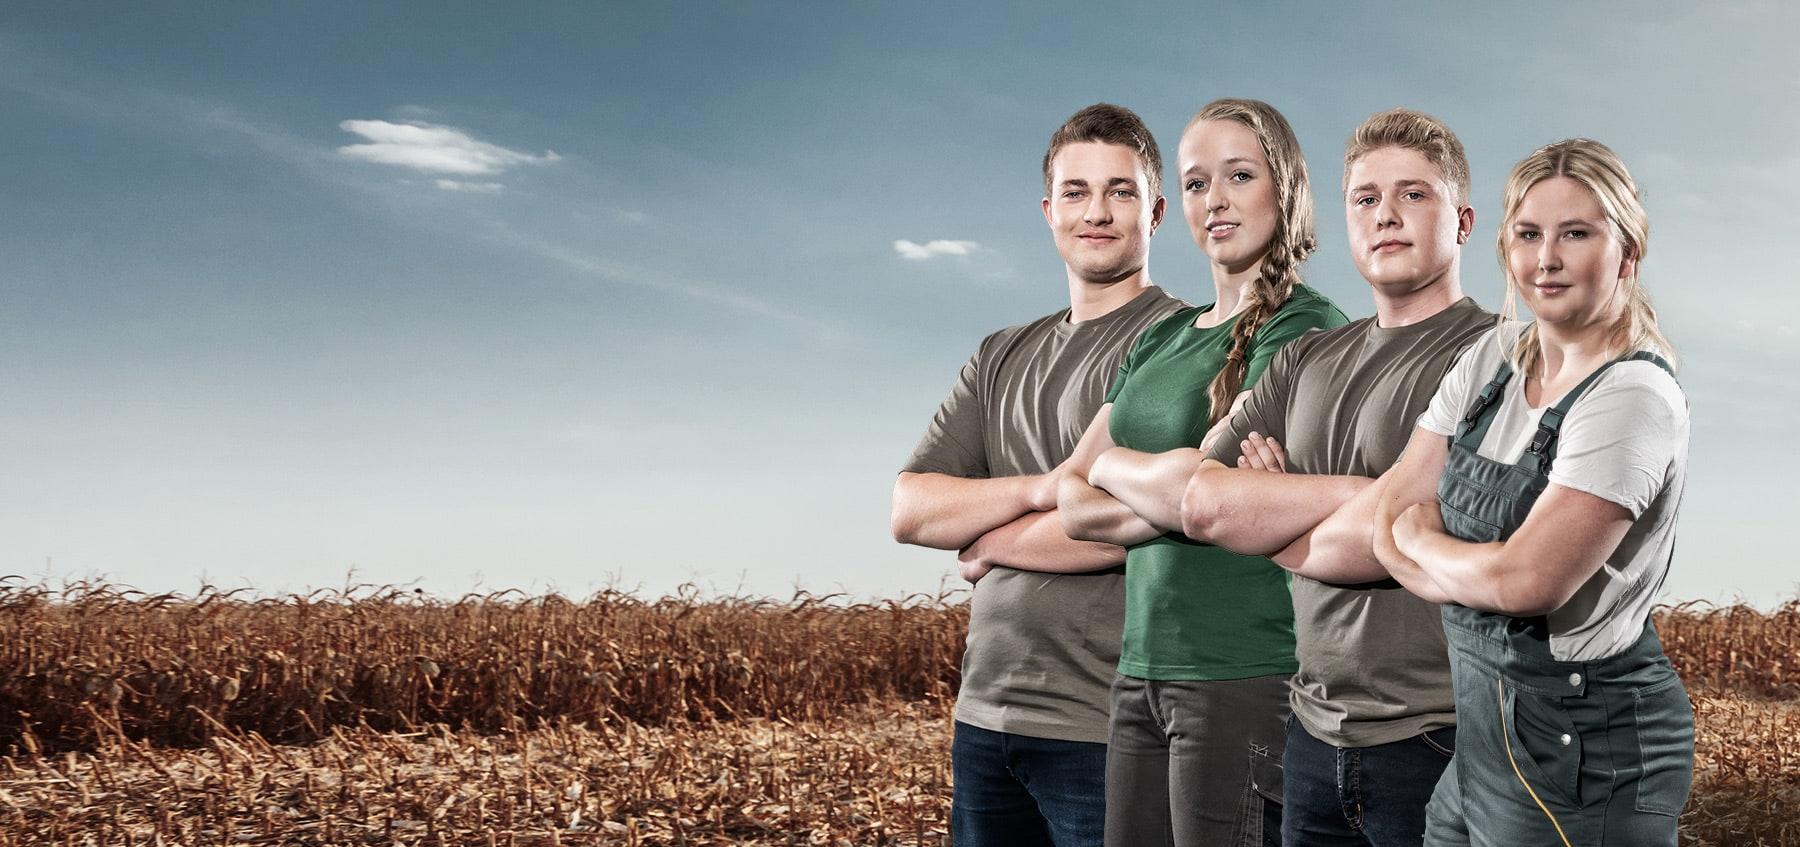 Fachkraft Agrarservice: Eine moderne Ausbildung mit Perspektive